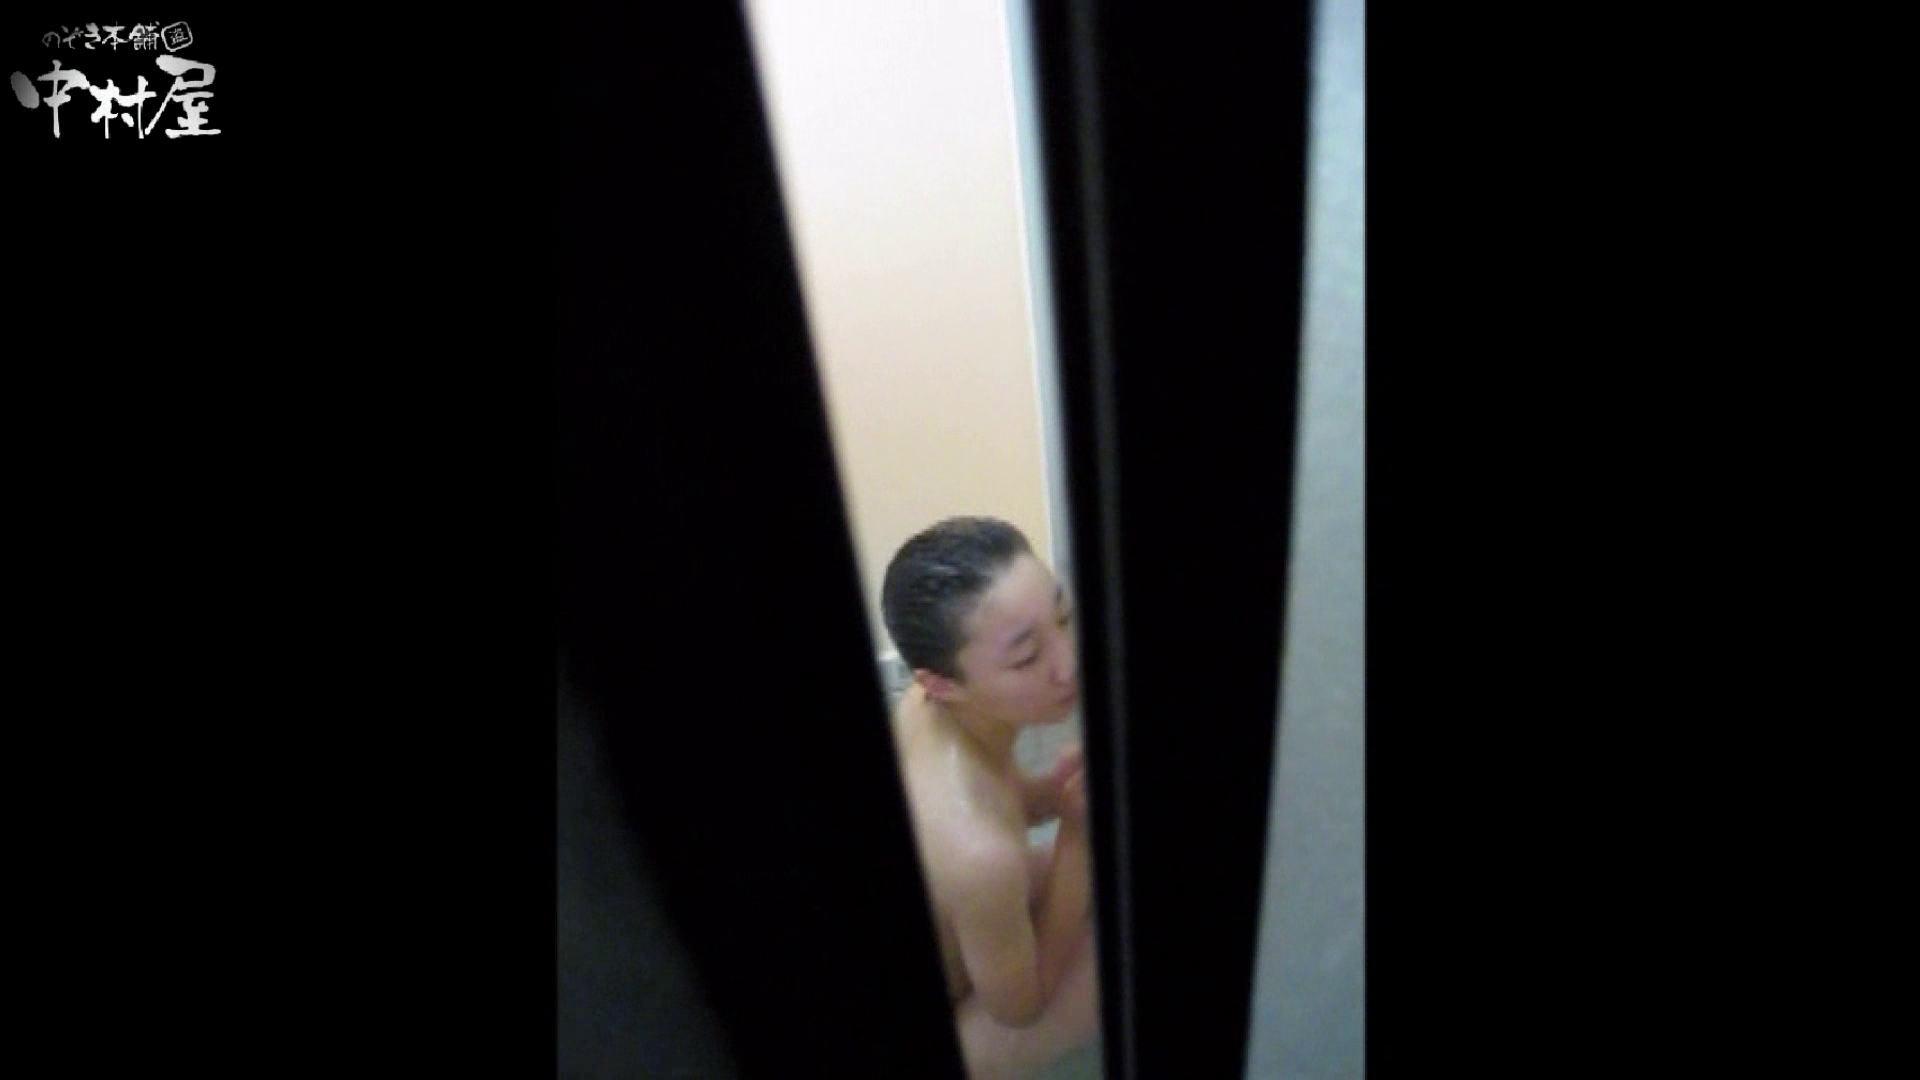 民家風呂専門盗撮師の超危険映像 vol.006 盗撮 ヌード画像 109連発 105